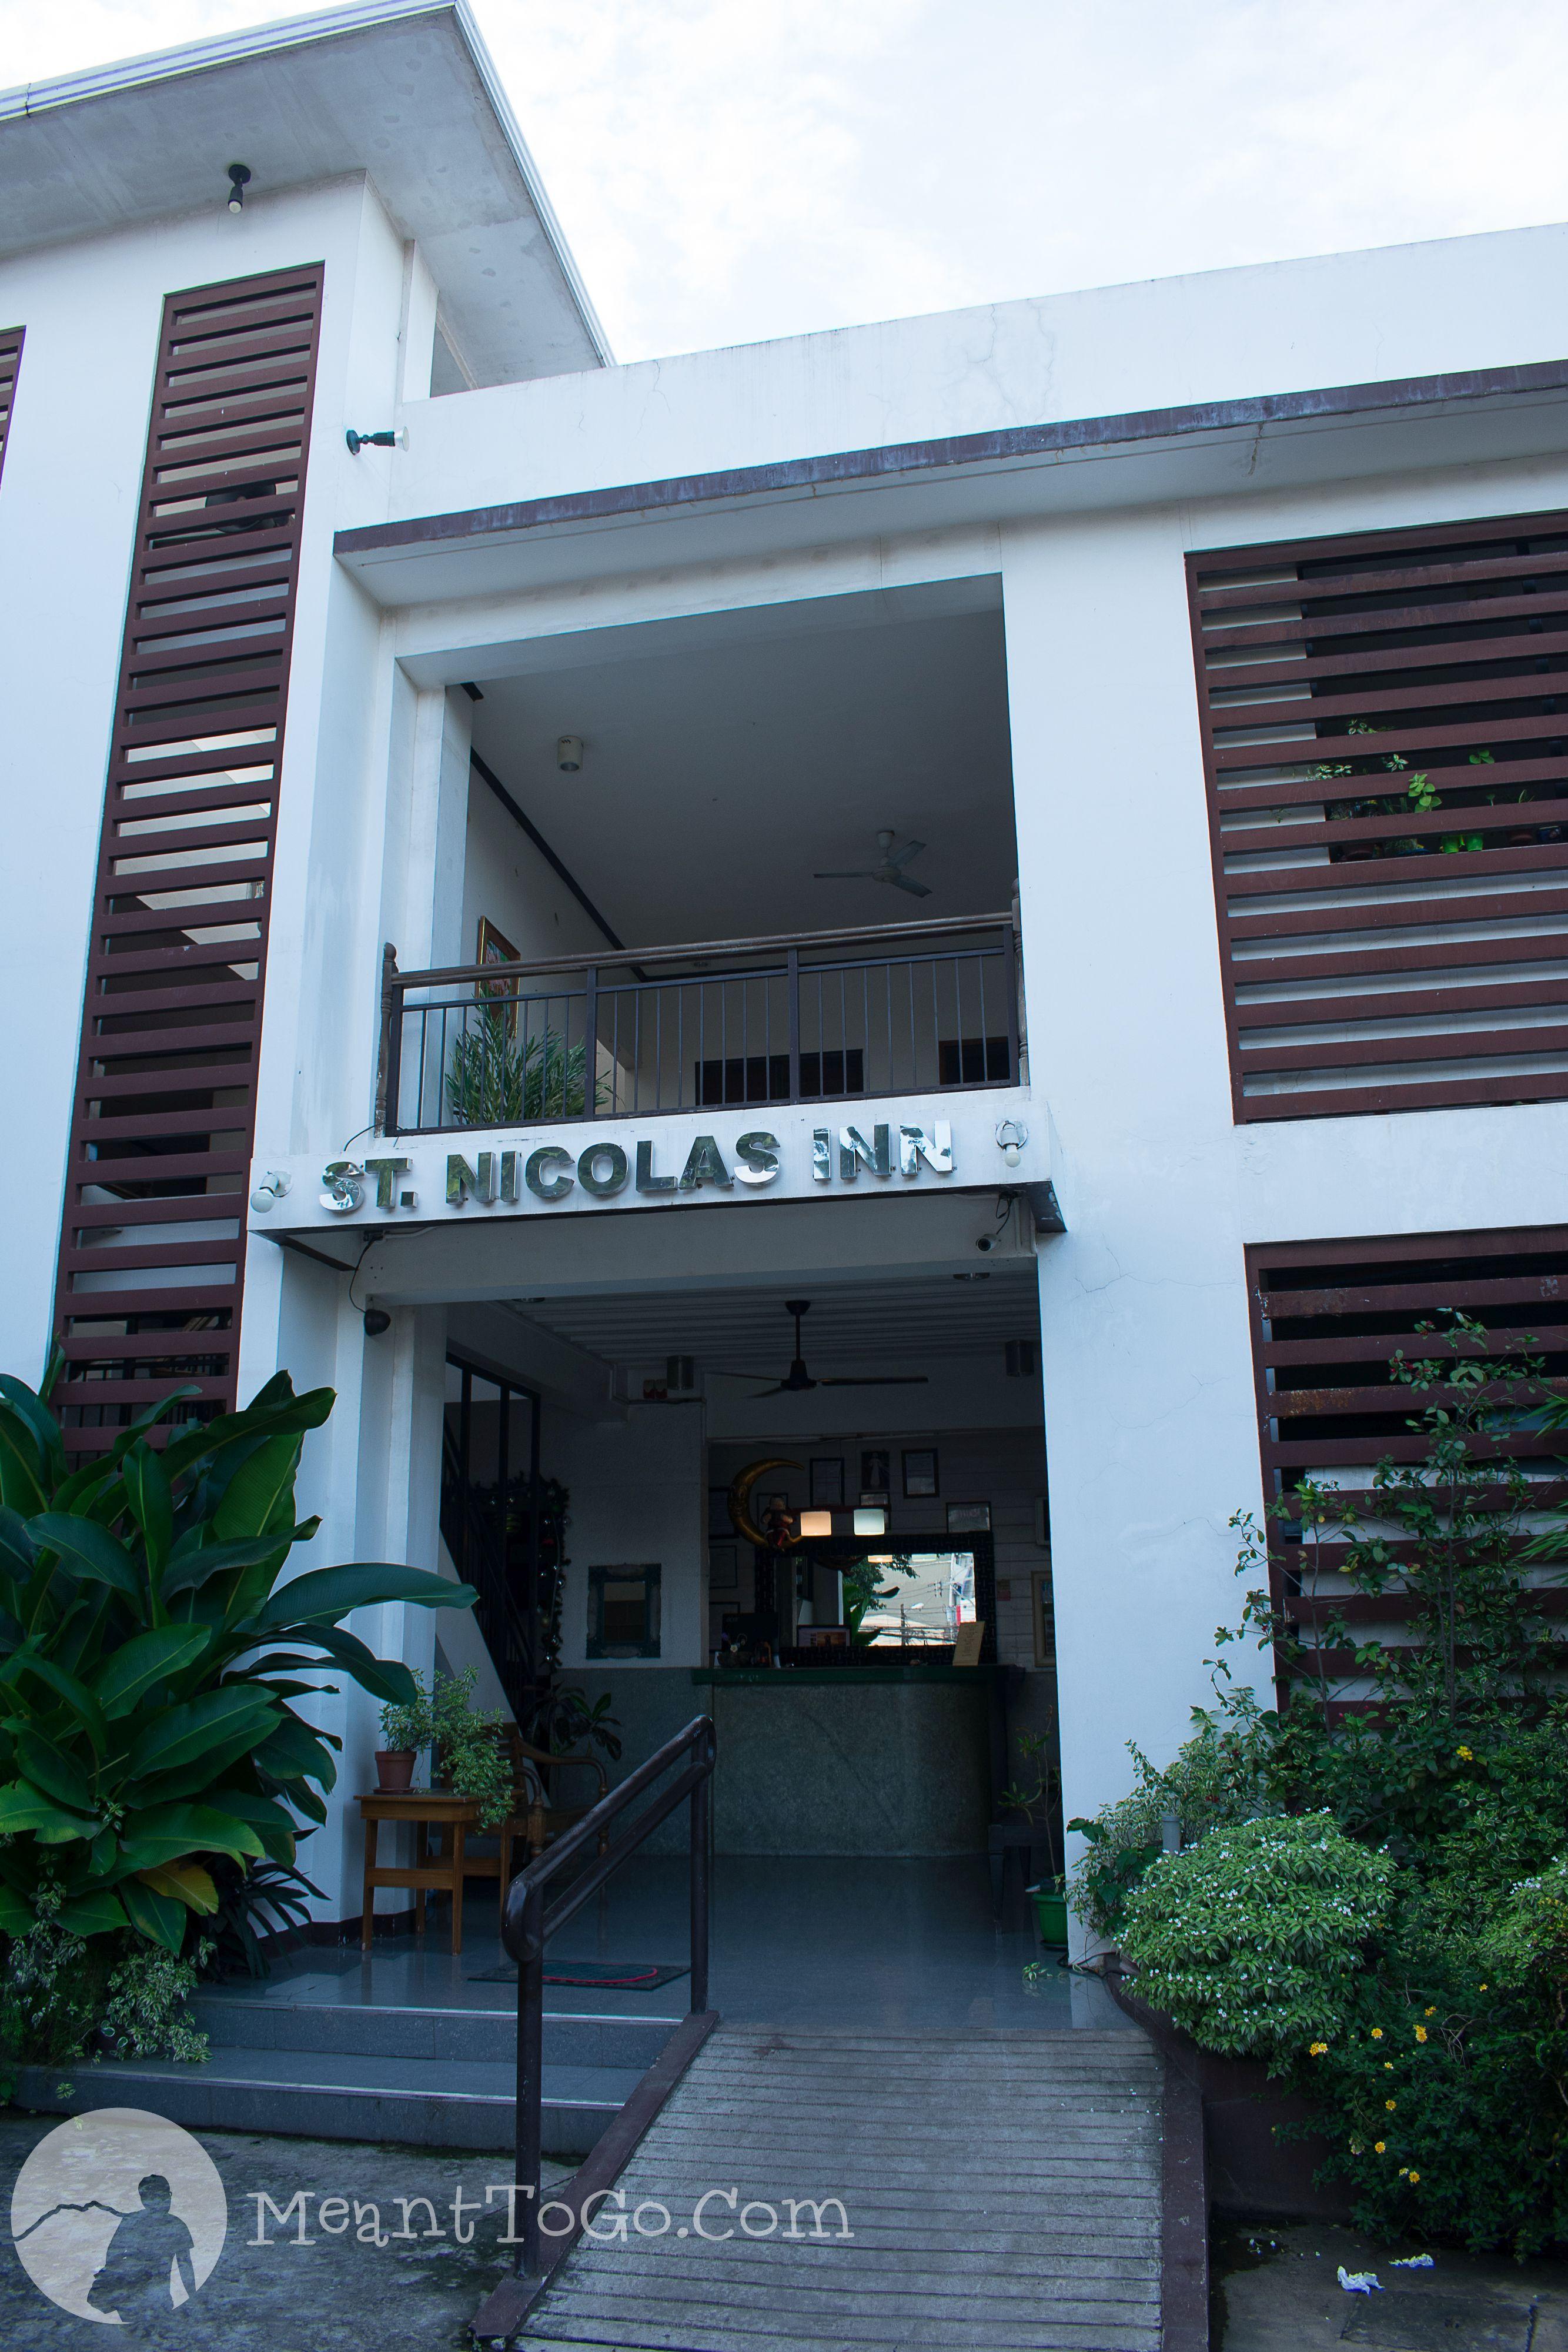 St. Nicolas Inn, Cagayan de Oro